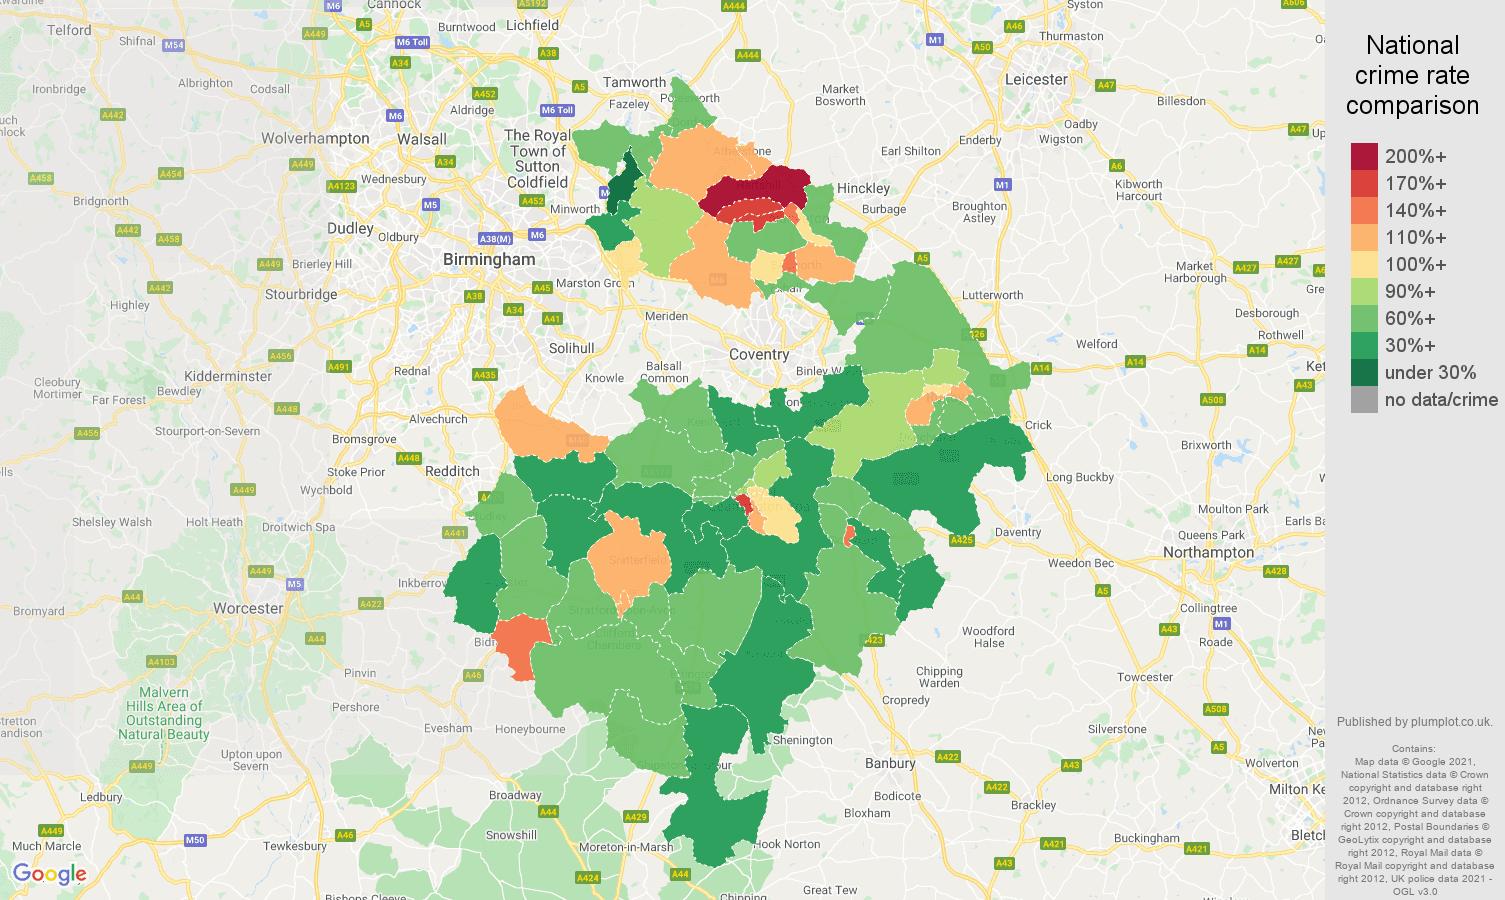 Warwickshire antisocial behaviour crime rate comparison map